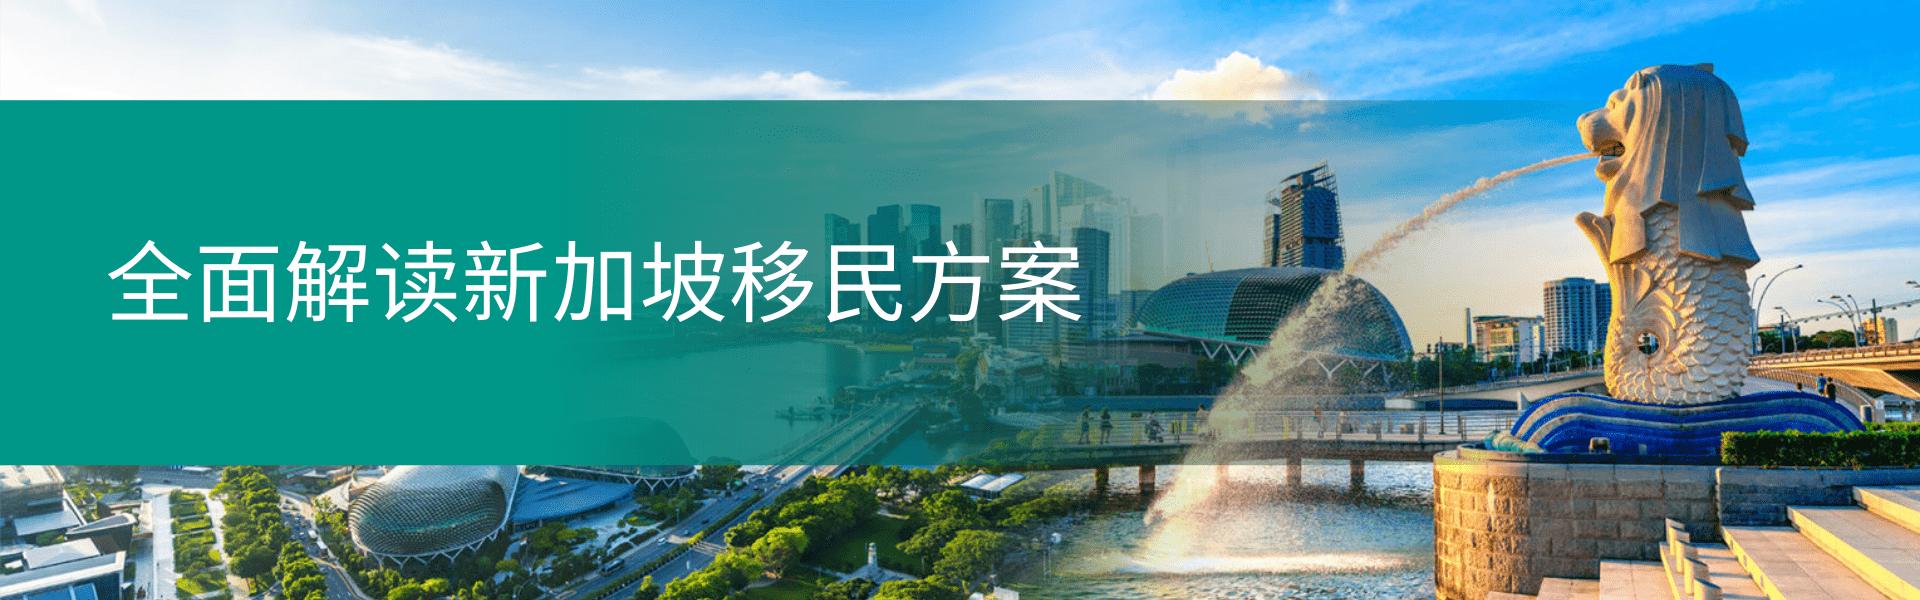 企业风Banner (3)